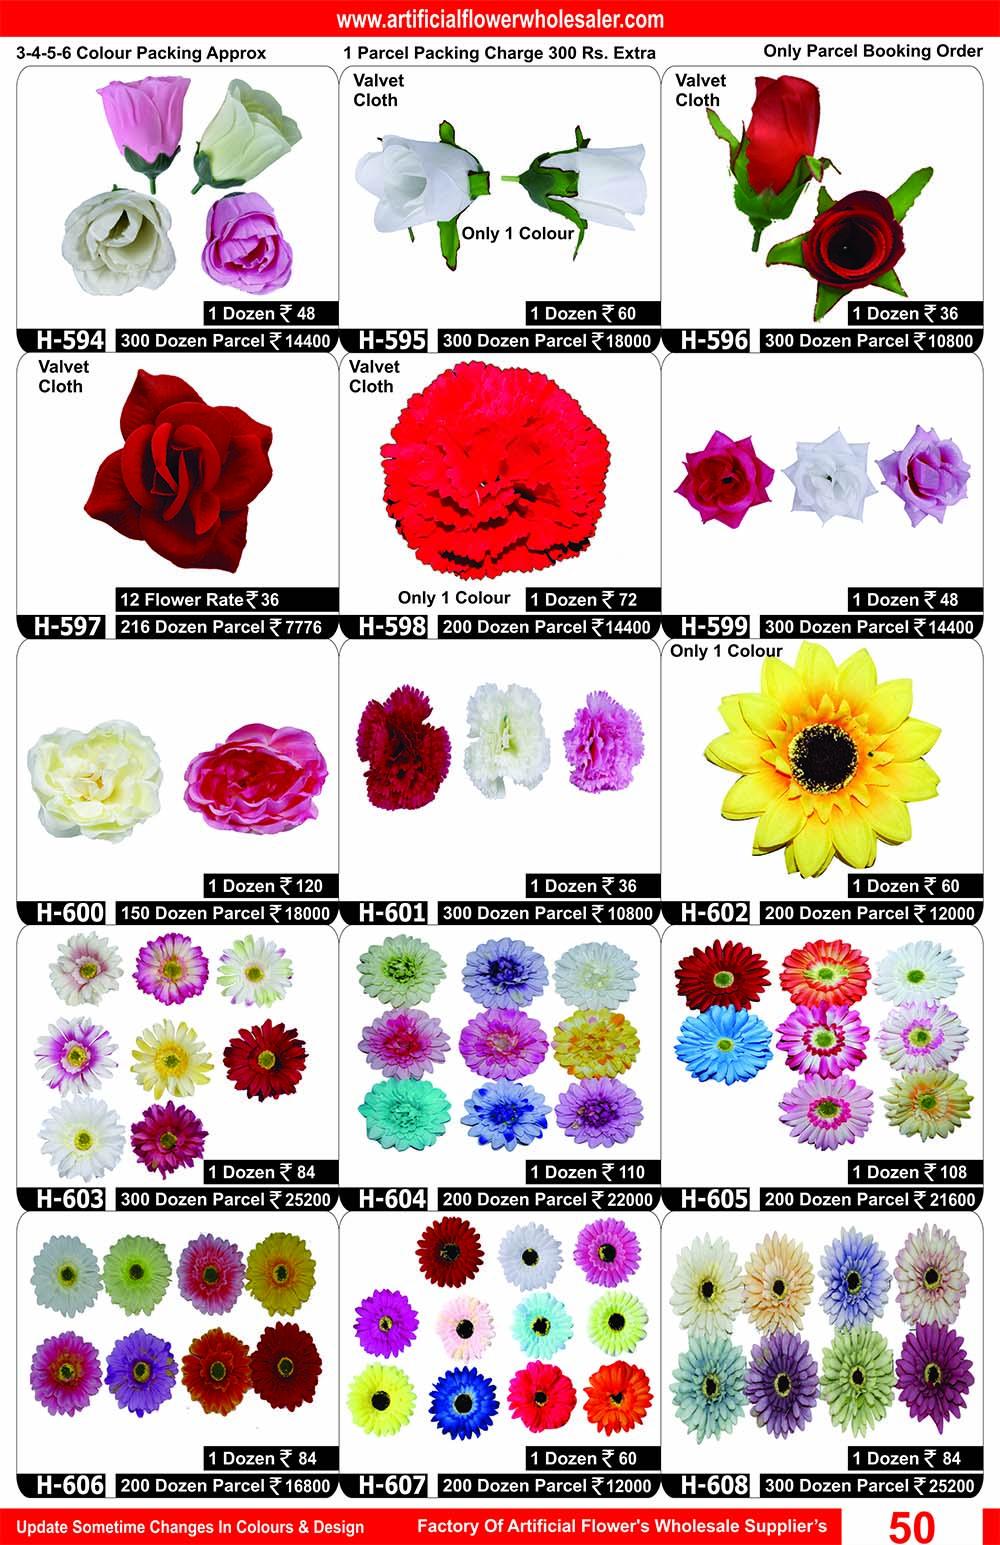 50-artificial-flower-wholesaler